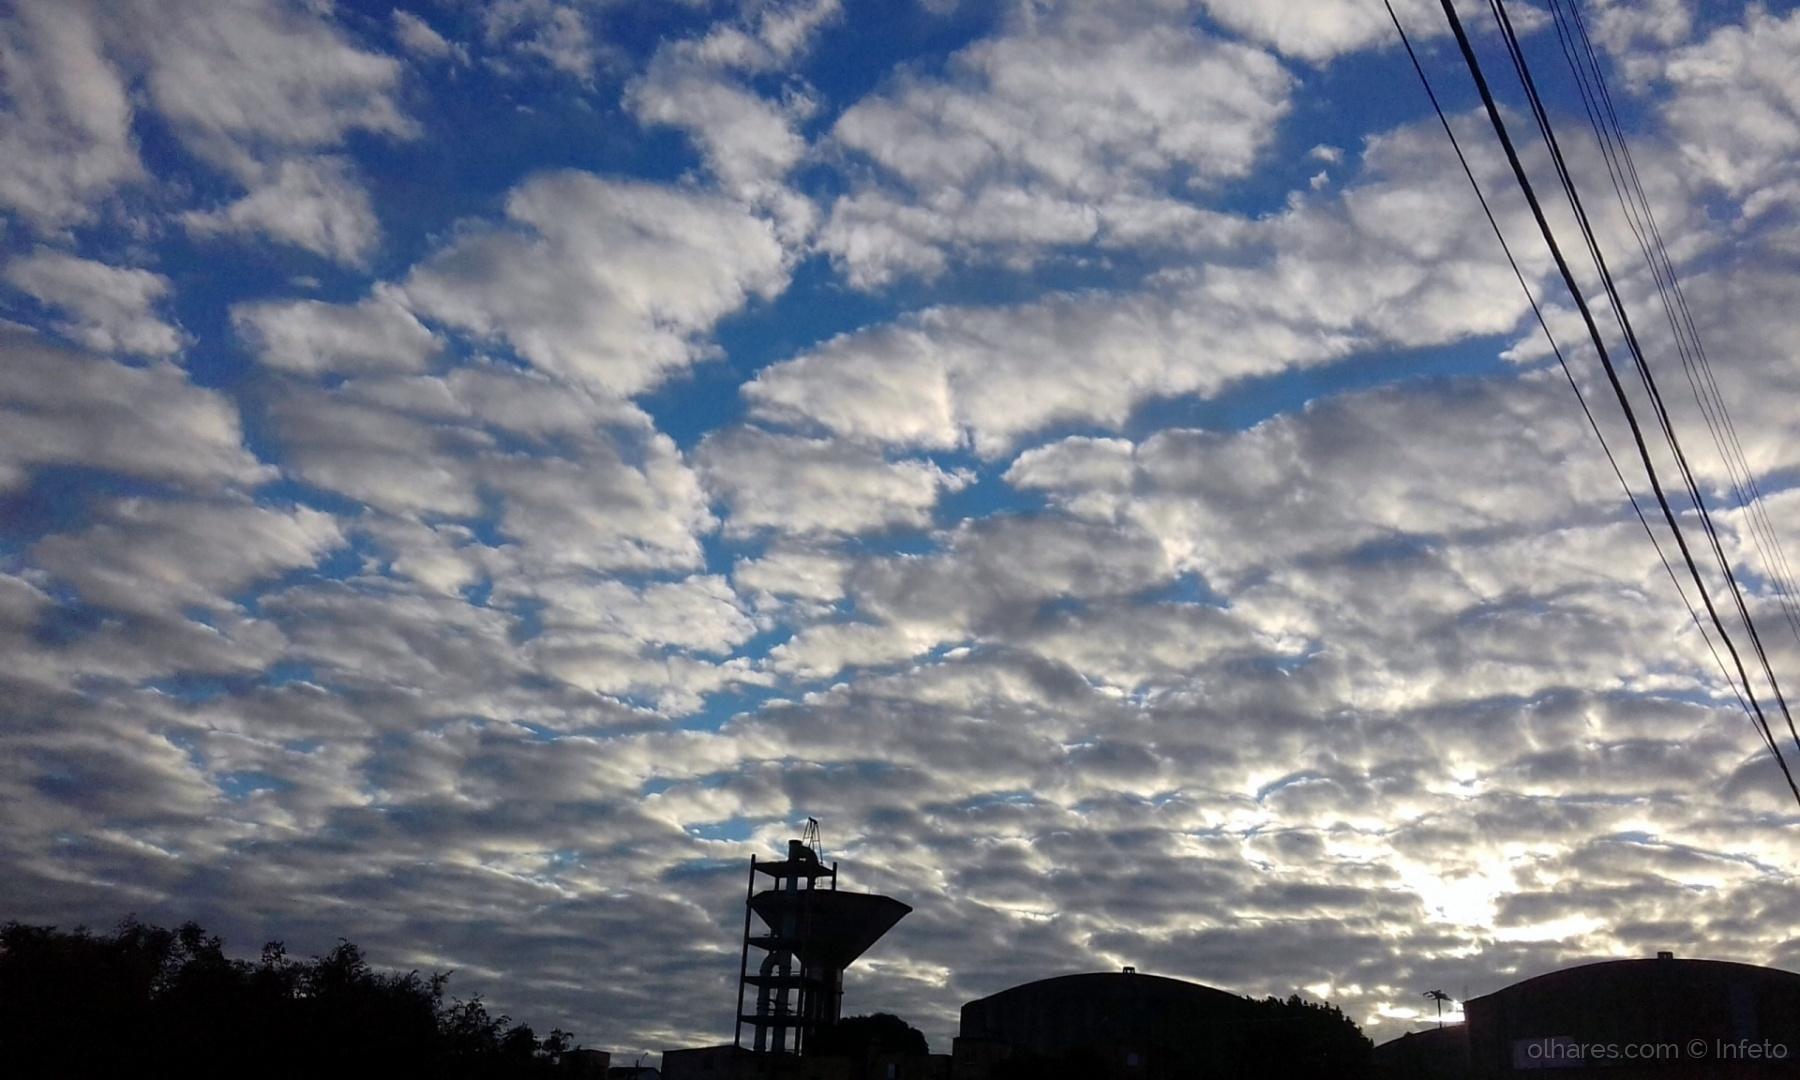 Paisagem Urbana/Rabisco de nuvens